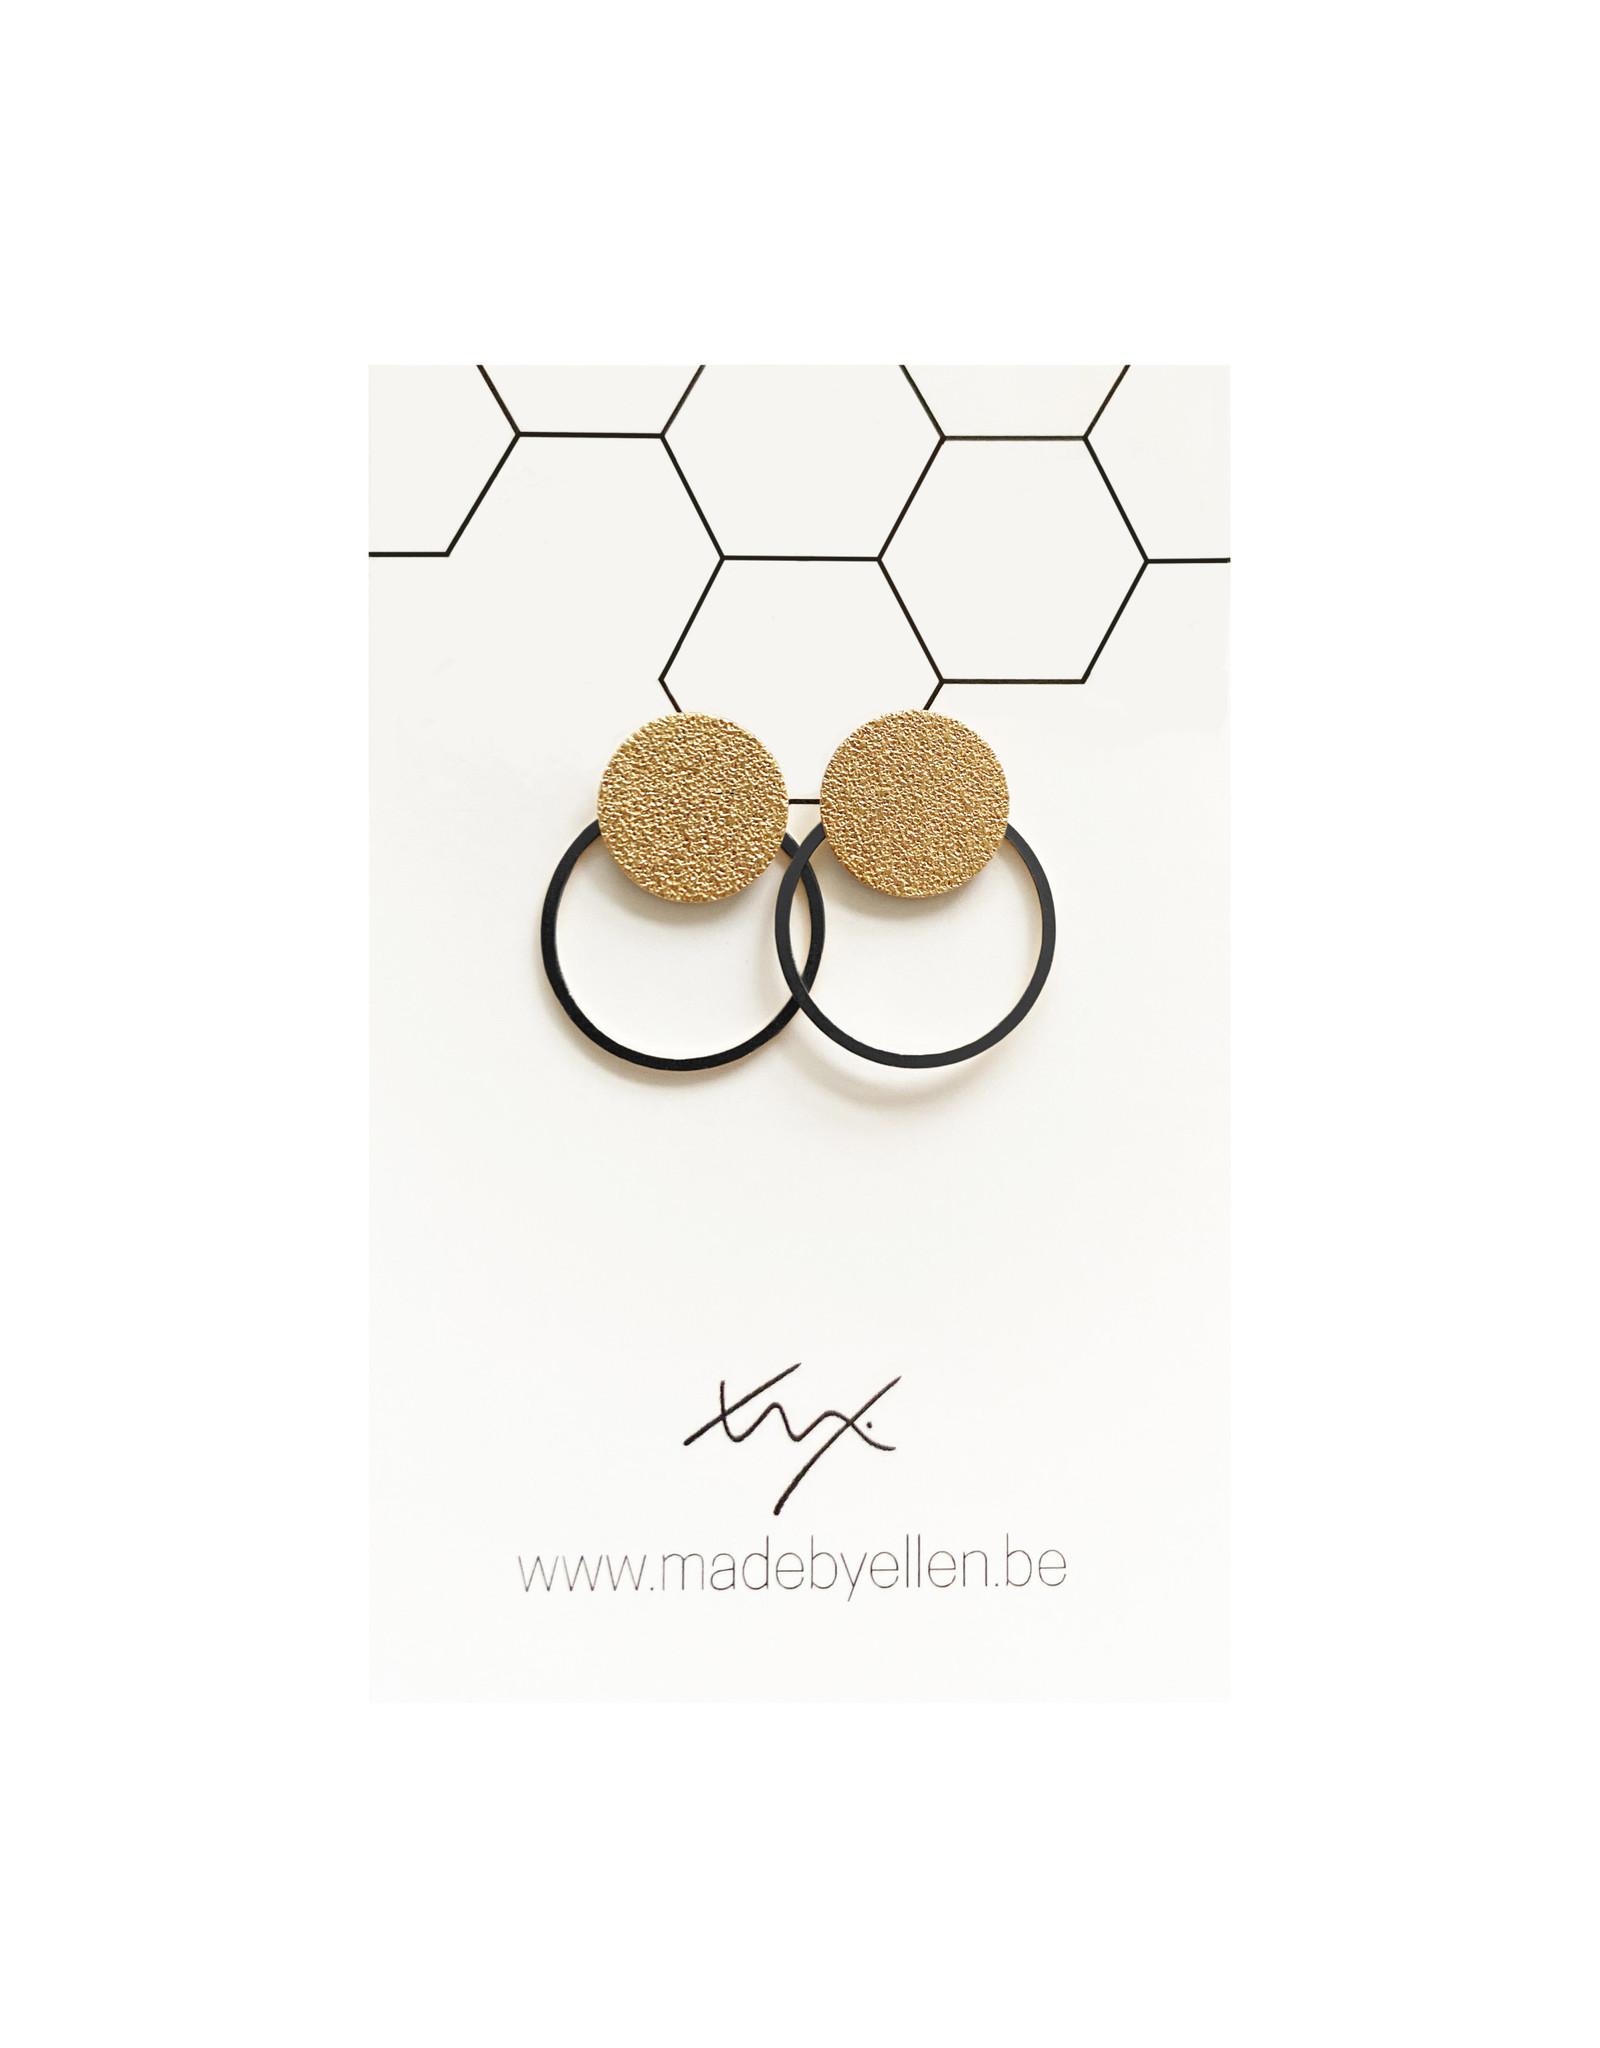 oorbEllen steker mat goud met ring zwart